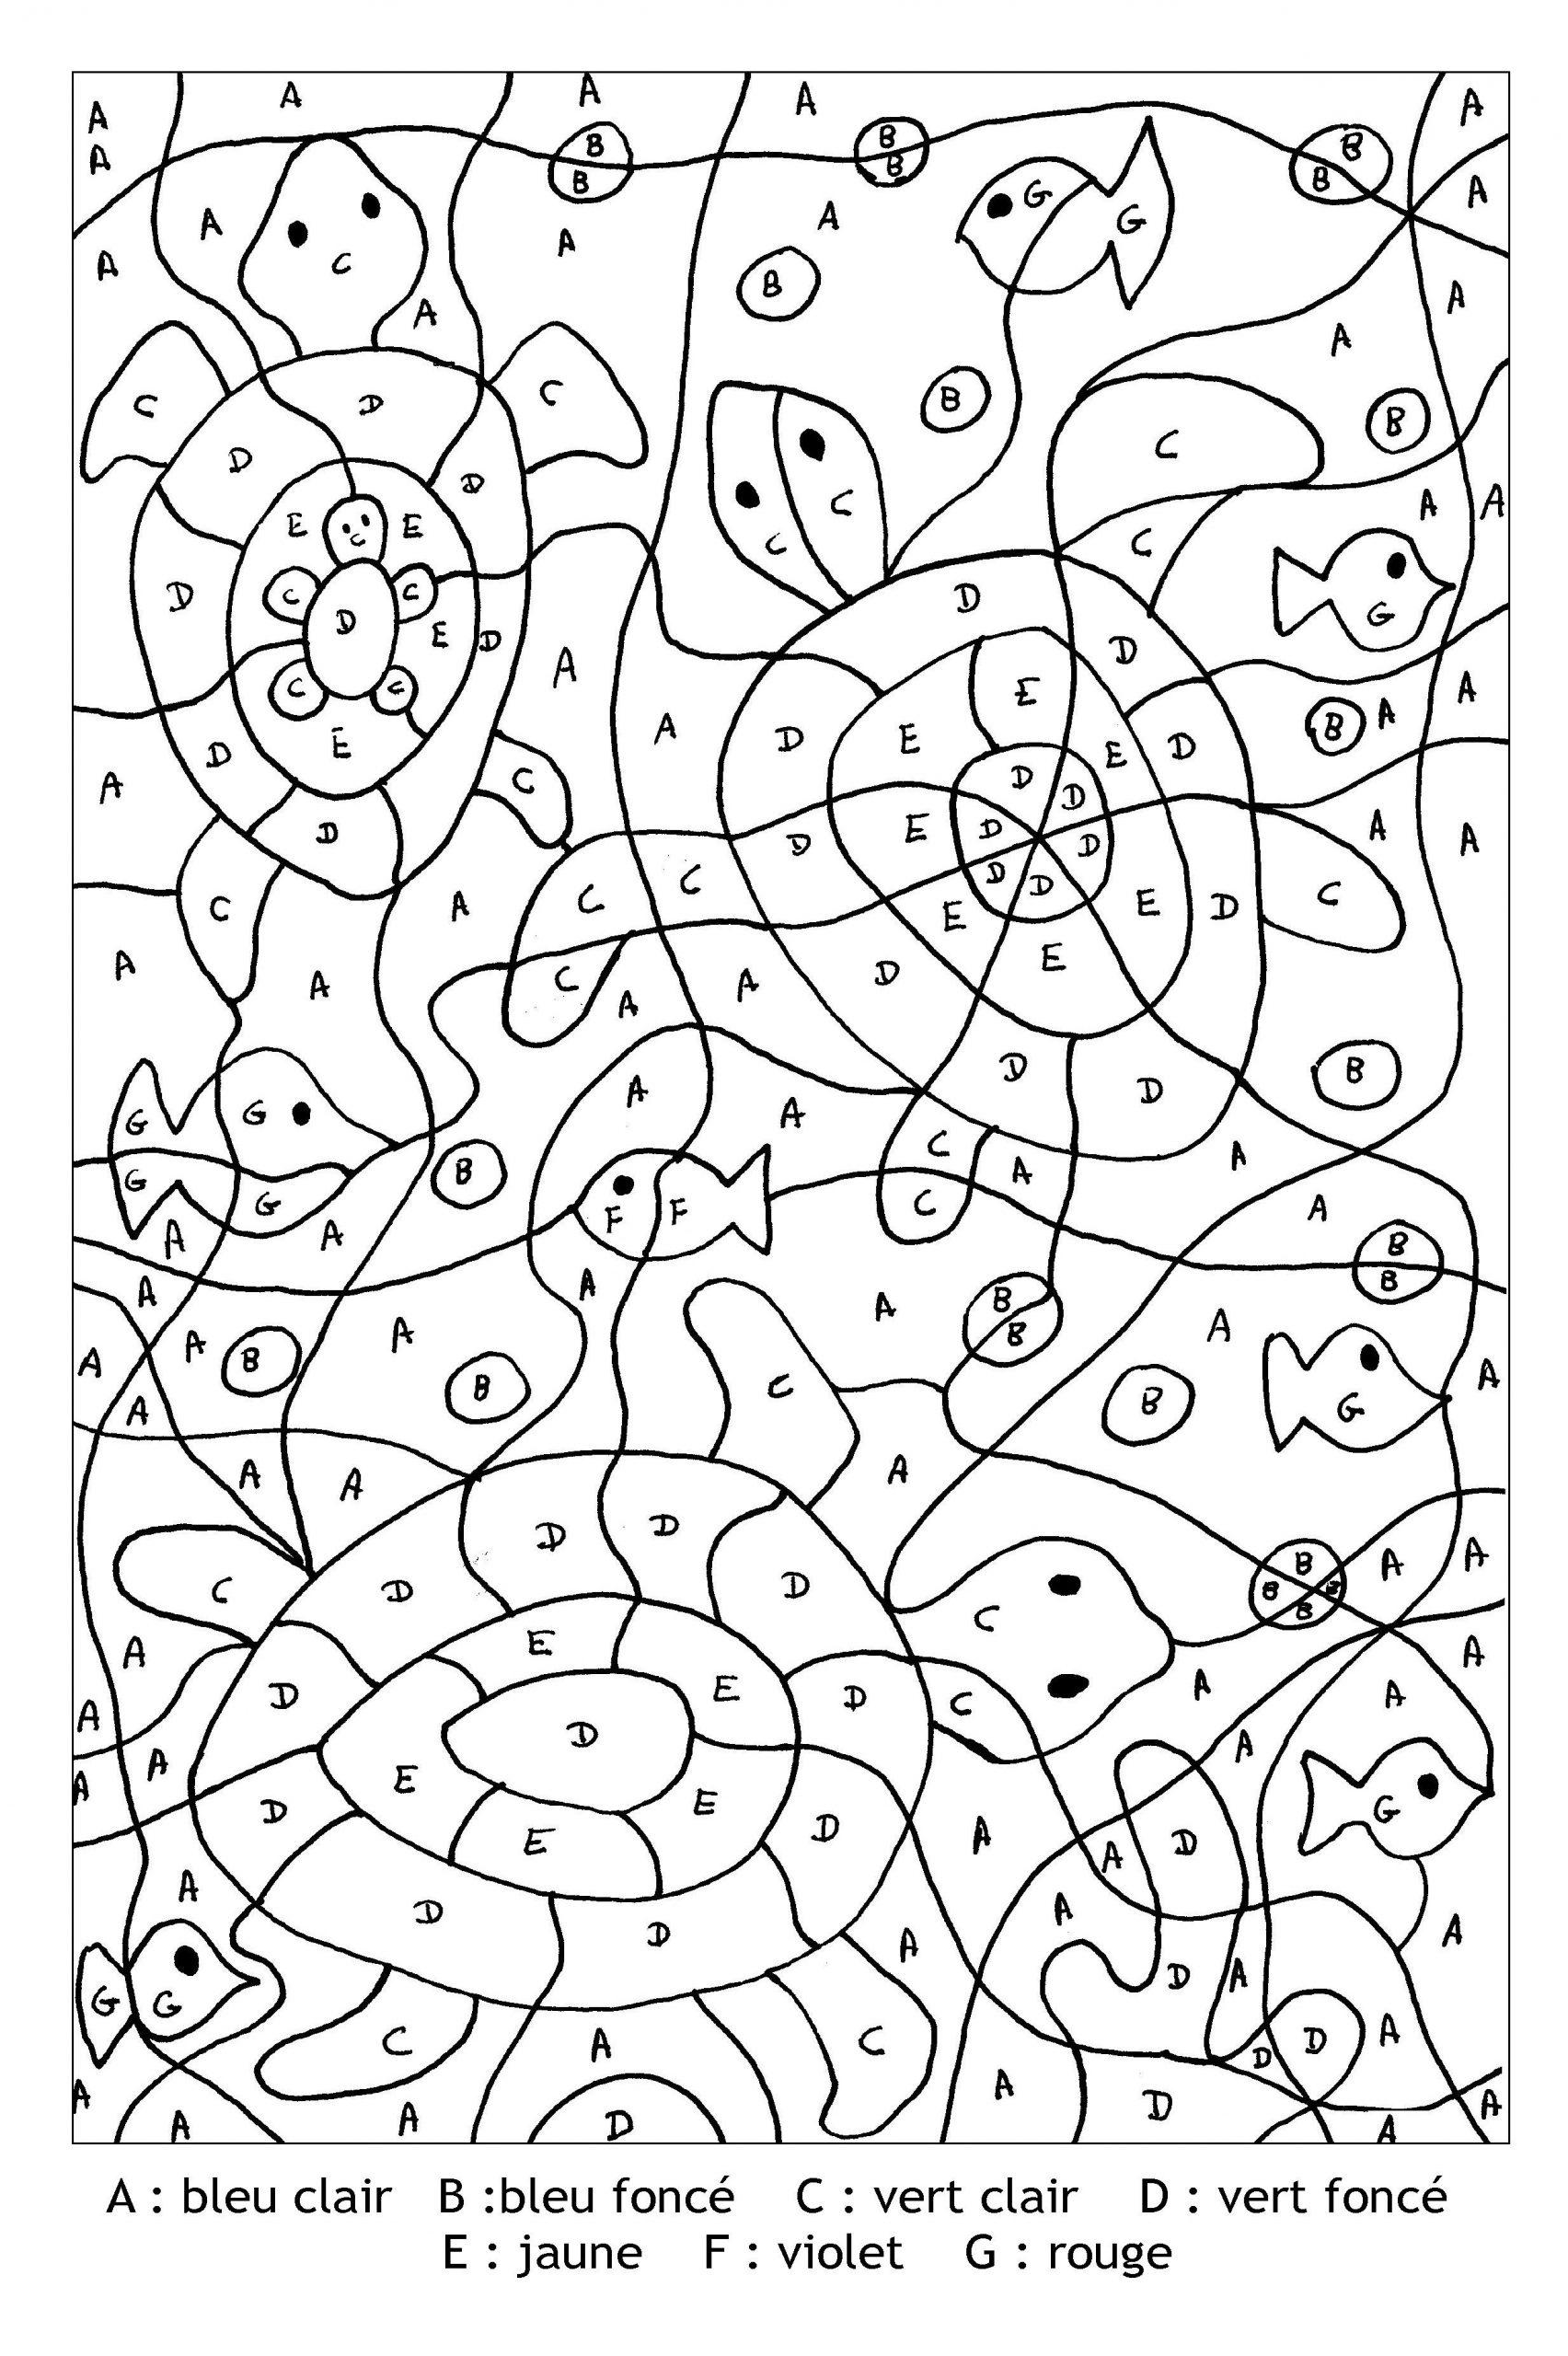 Coloriage-Magique-Lettres-Tortues | Coloriage Magique À destiné Coloriage Magique Maternelle A Imprimer Gratuit